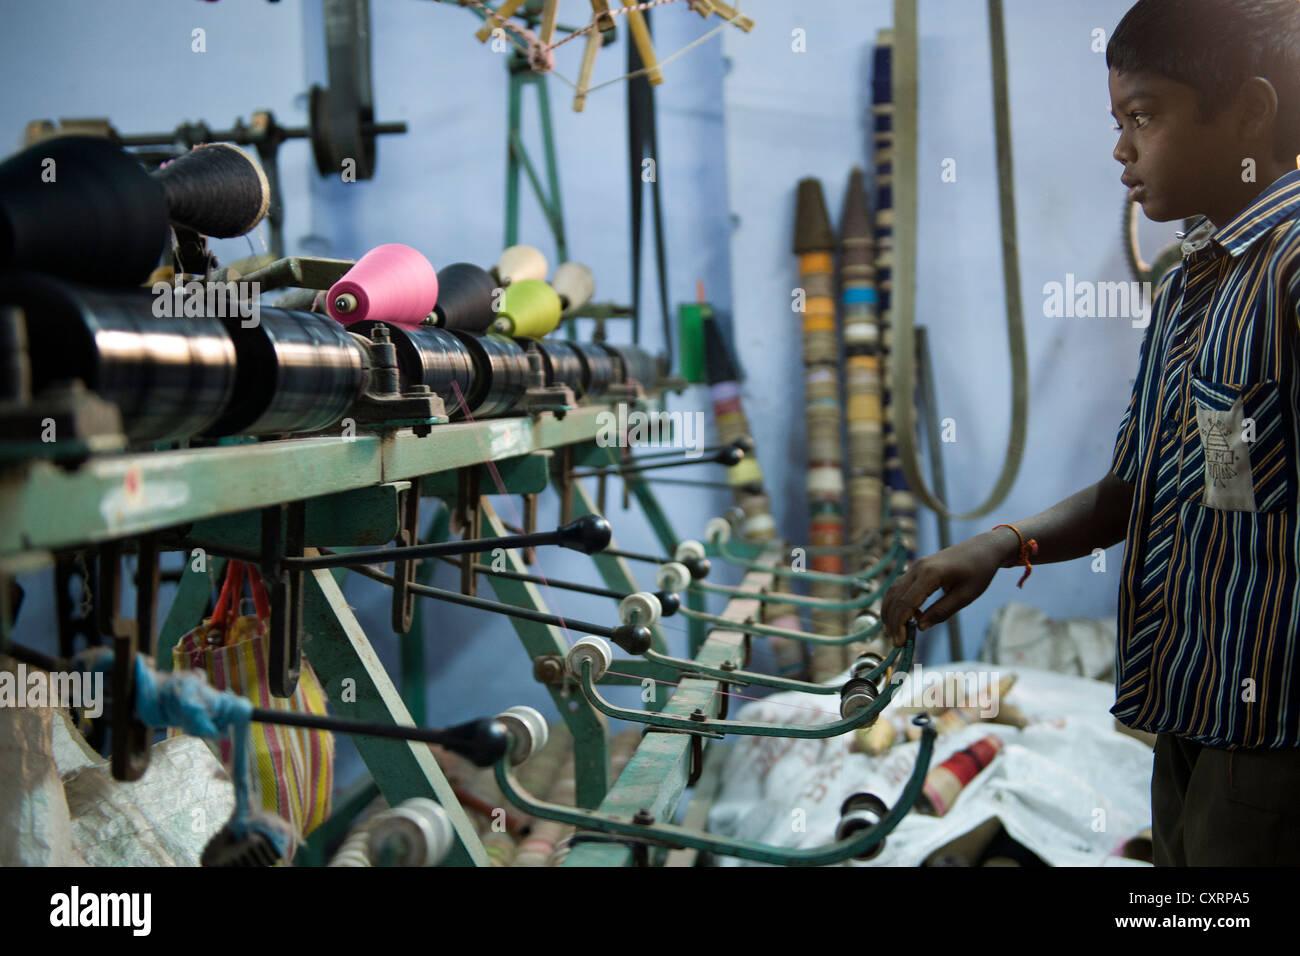 Bambino operaio, 11 anni, l'uso di macchinari in una zanzariera fabbrica, Karur, Tamil Nadu, India meridionale, Immagini Stock